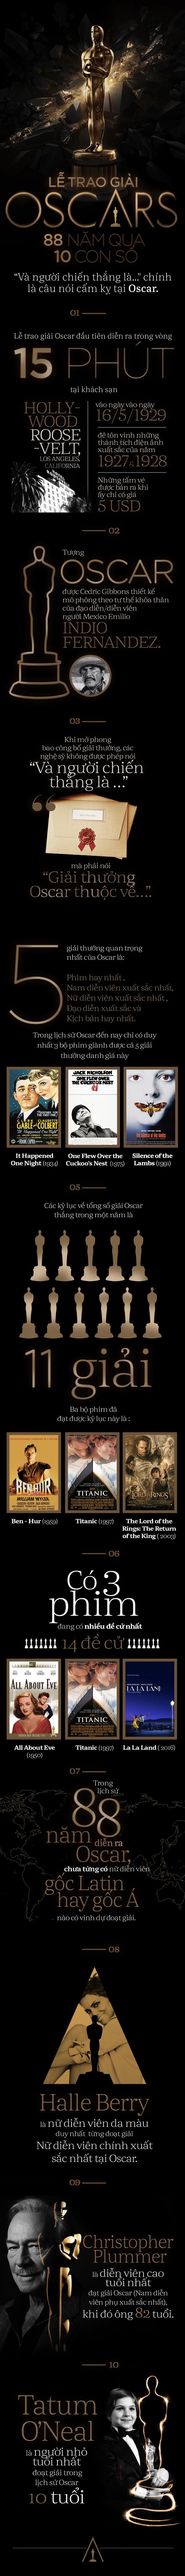 Câu nói cấm kỵ tại lễ trao giải Oscar - Ảnh 1.